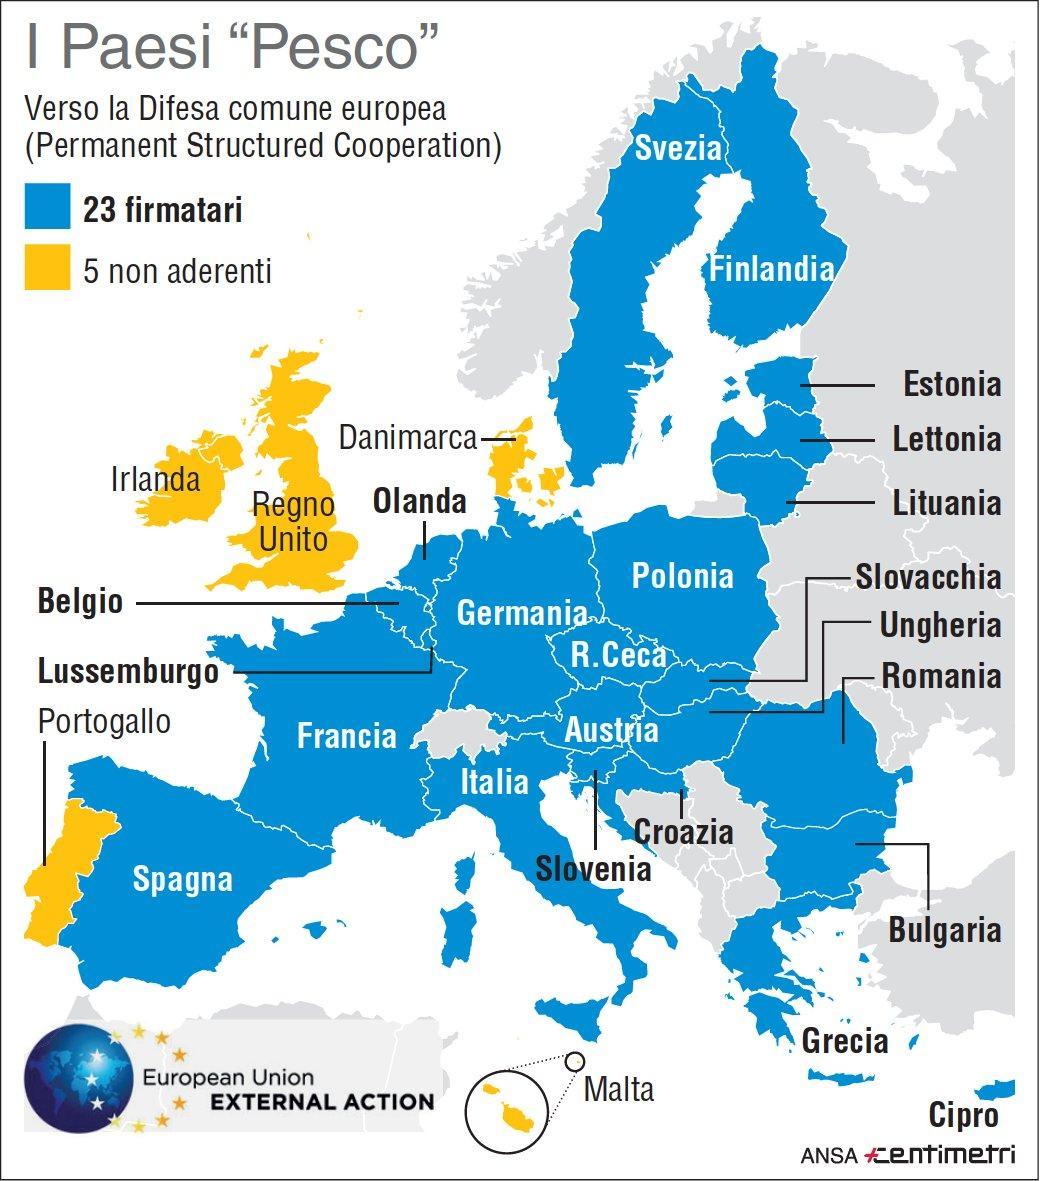 Difesa: i 23 Stati membri Ue che hanno aderito alla Pesco